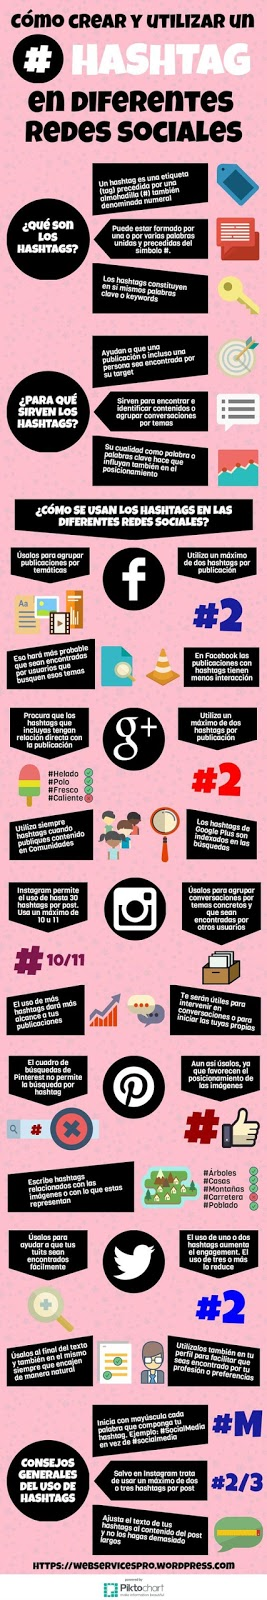 El uso del hashtag en las diferentes redes sociales [Infografía]